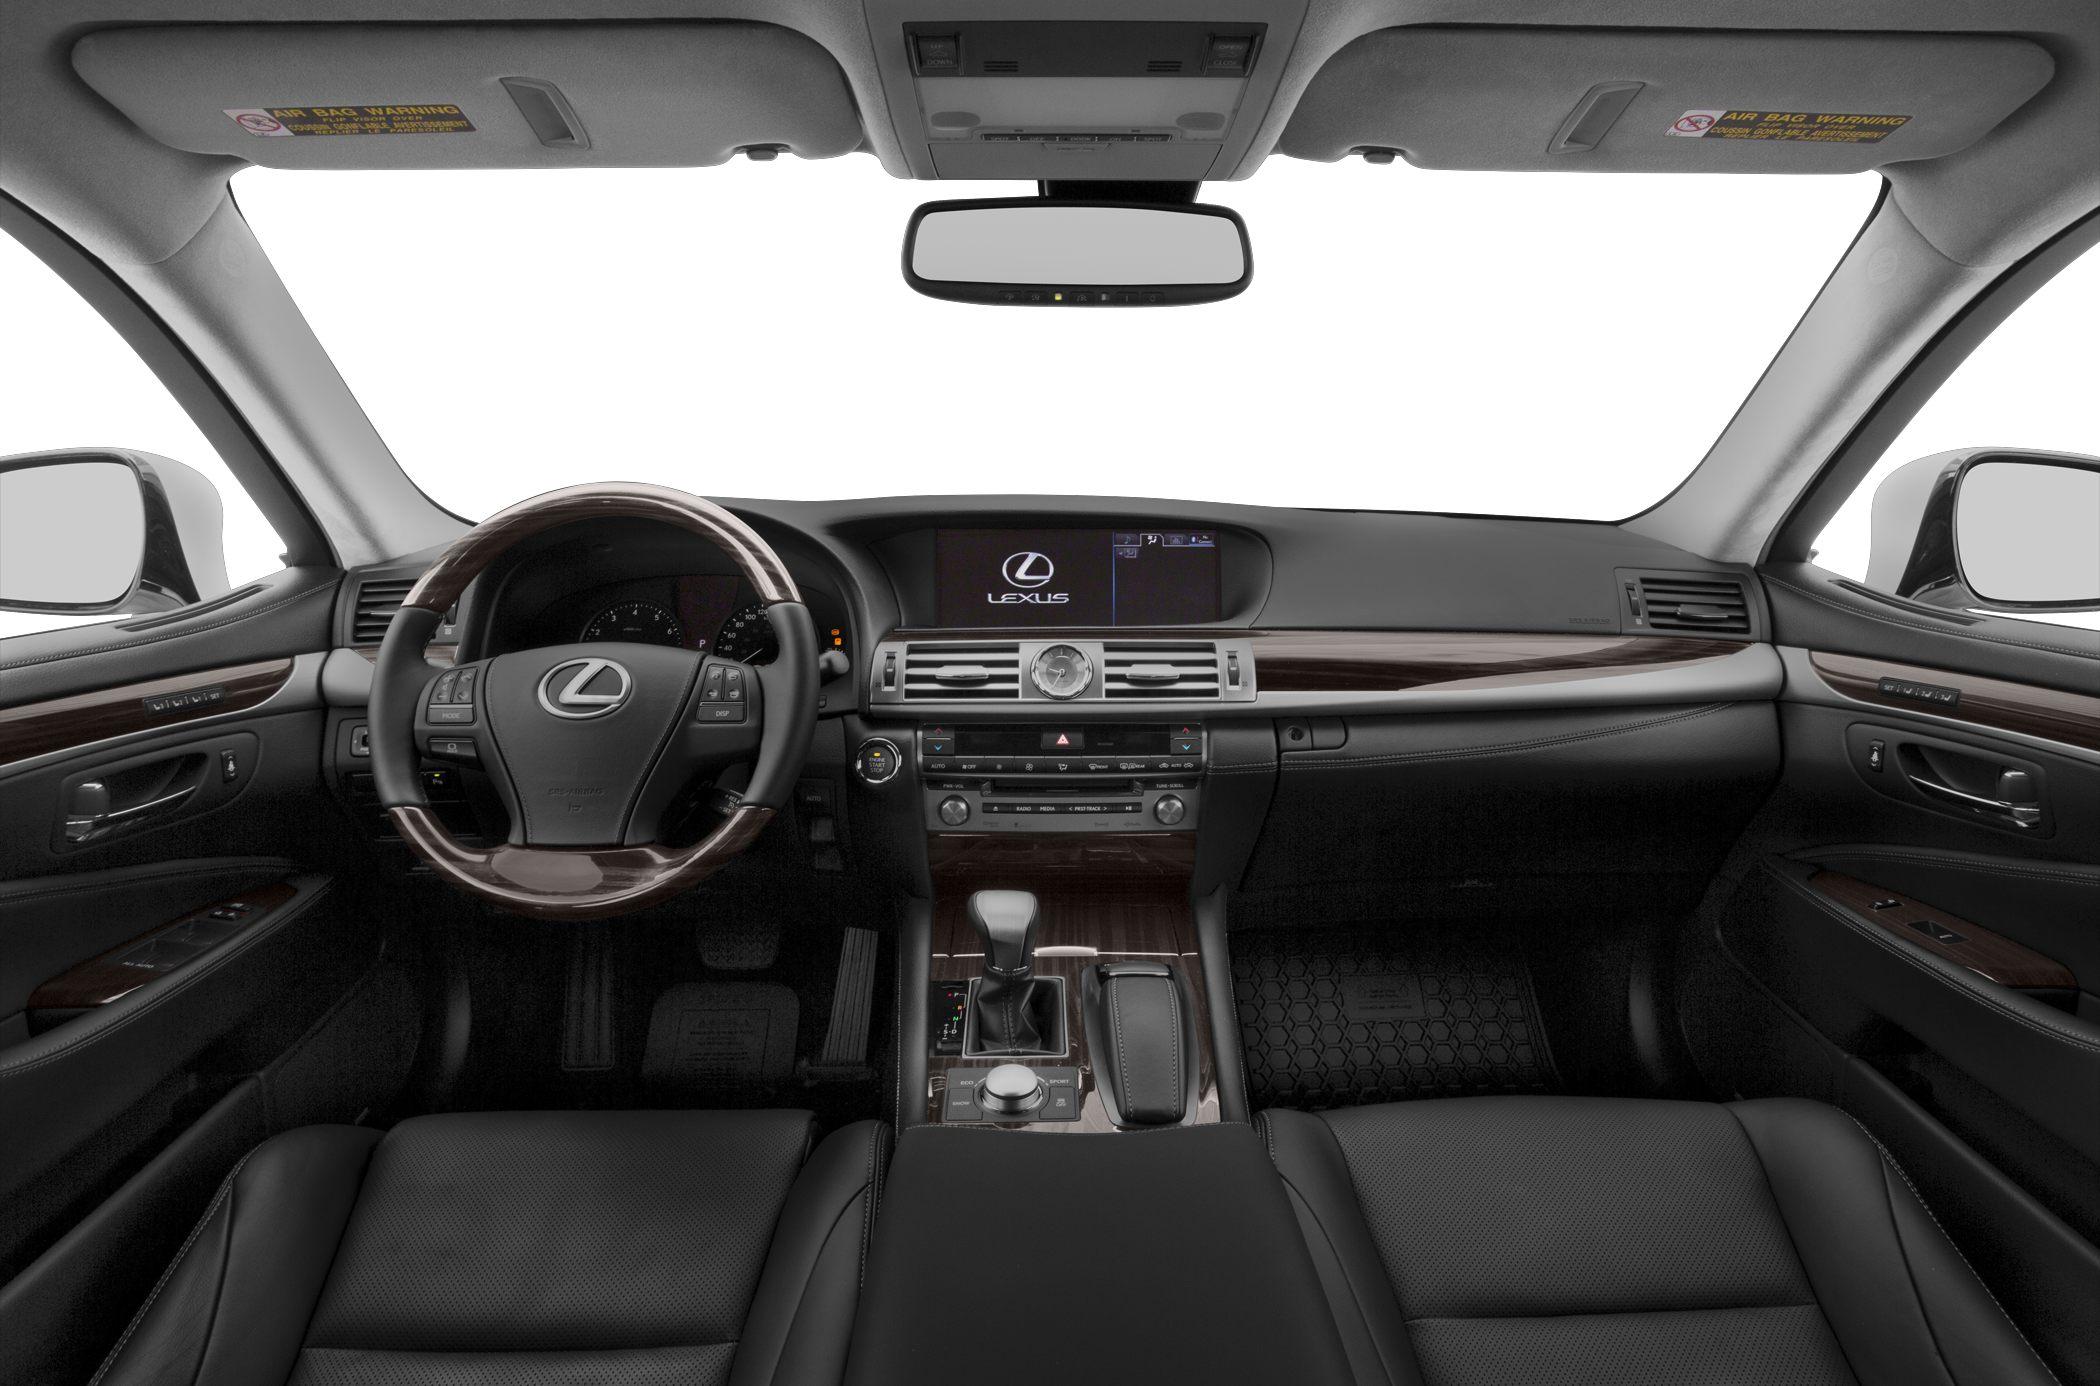 2017 Lexus LS 460 Base 4 Dr Sedan at Bel Air Lexus Ottawa tario